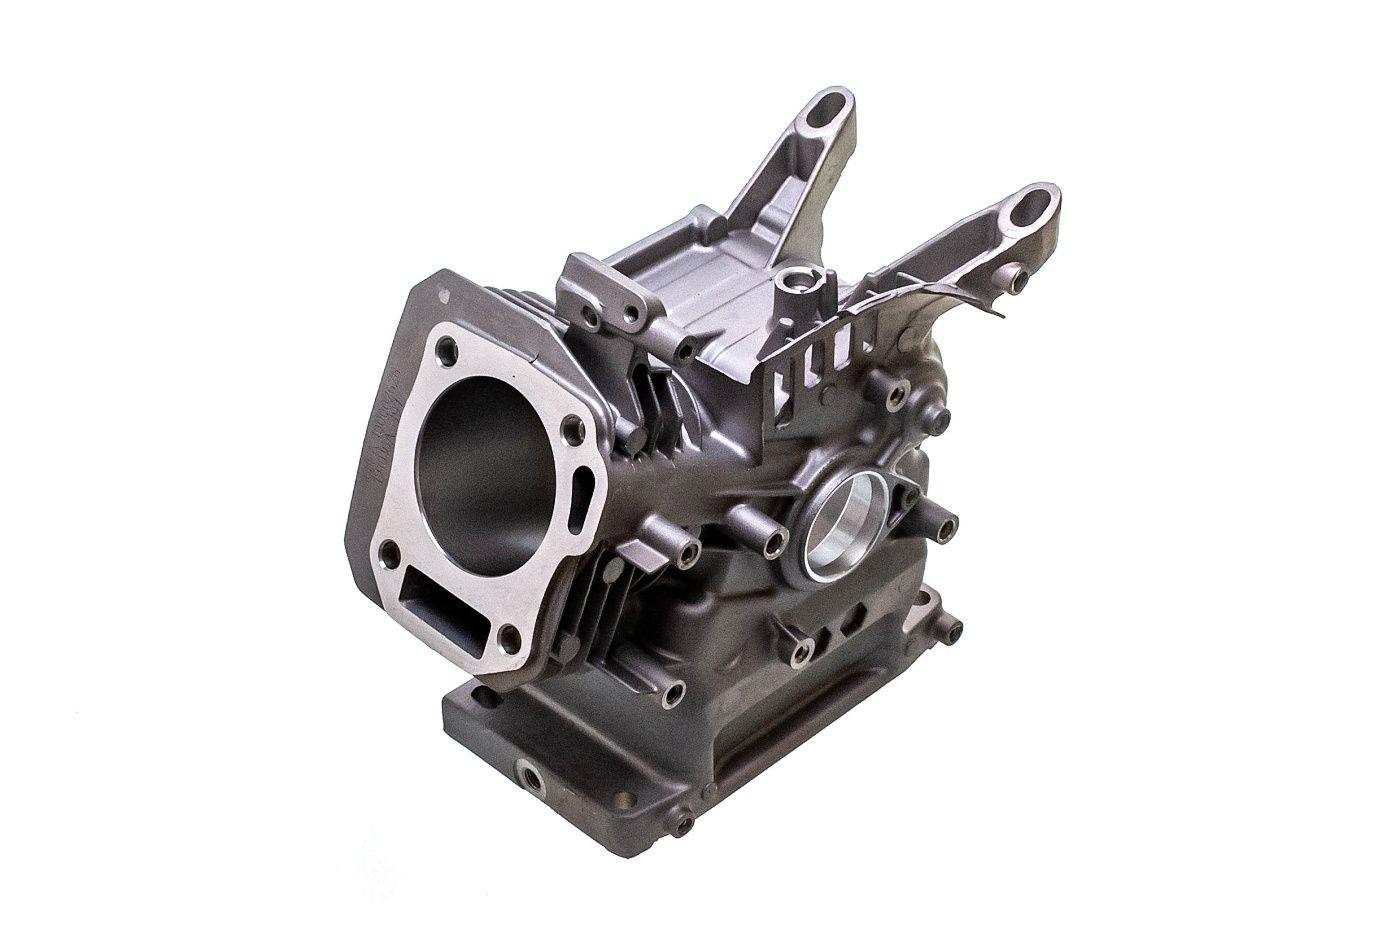 Blok motoru Honda GX 160